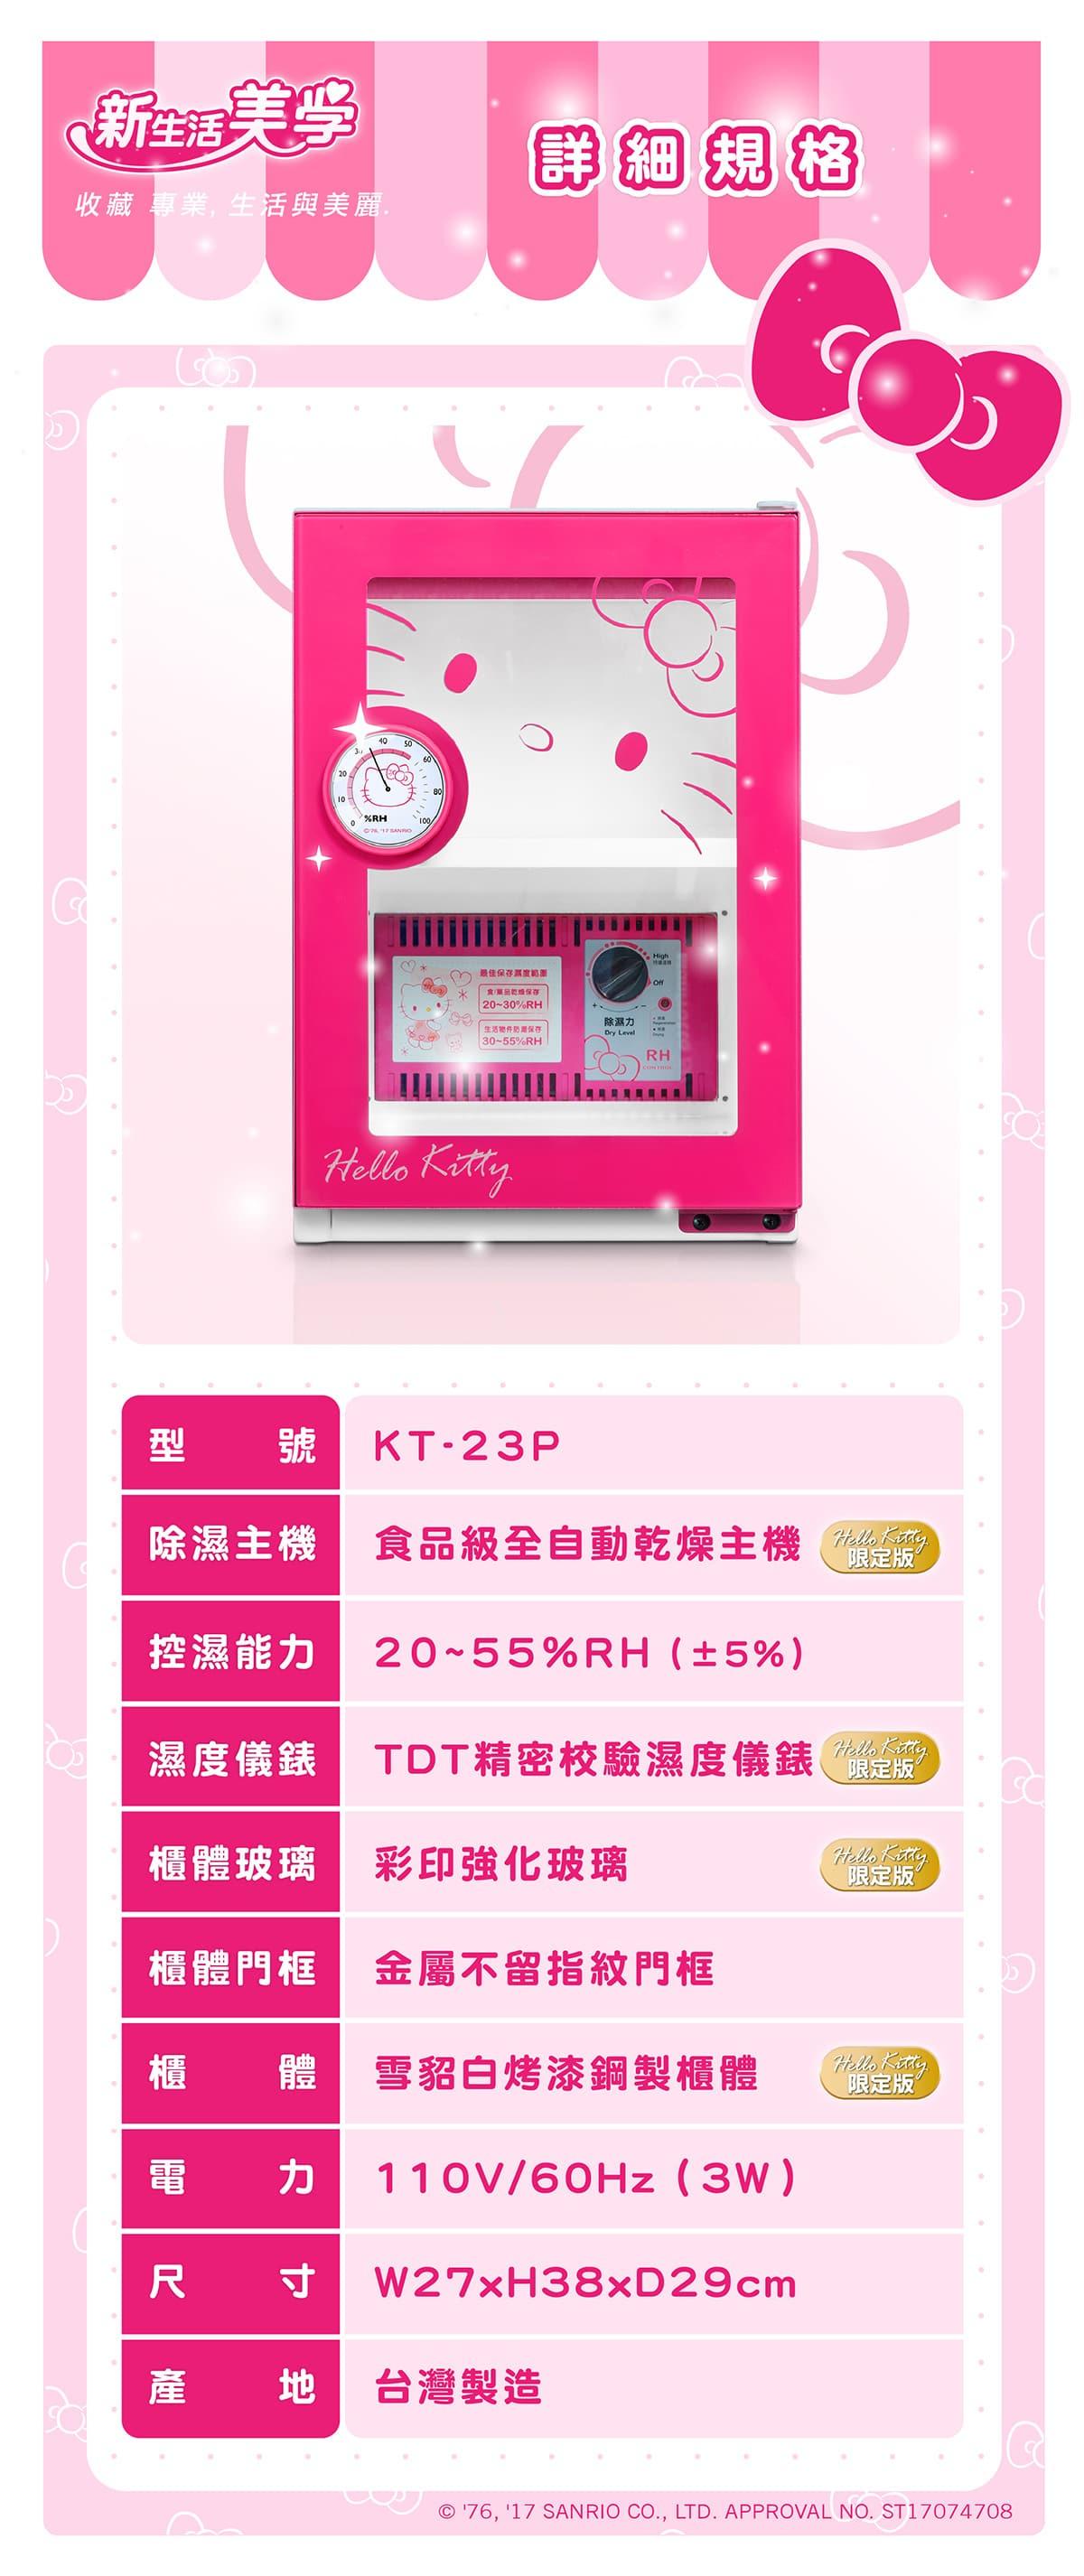 2017 0822 KT 23P 產品說明頁 10